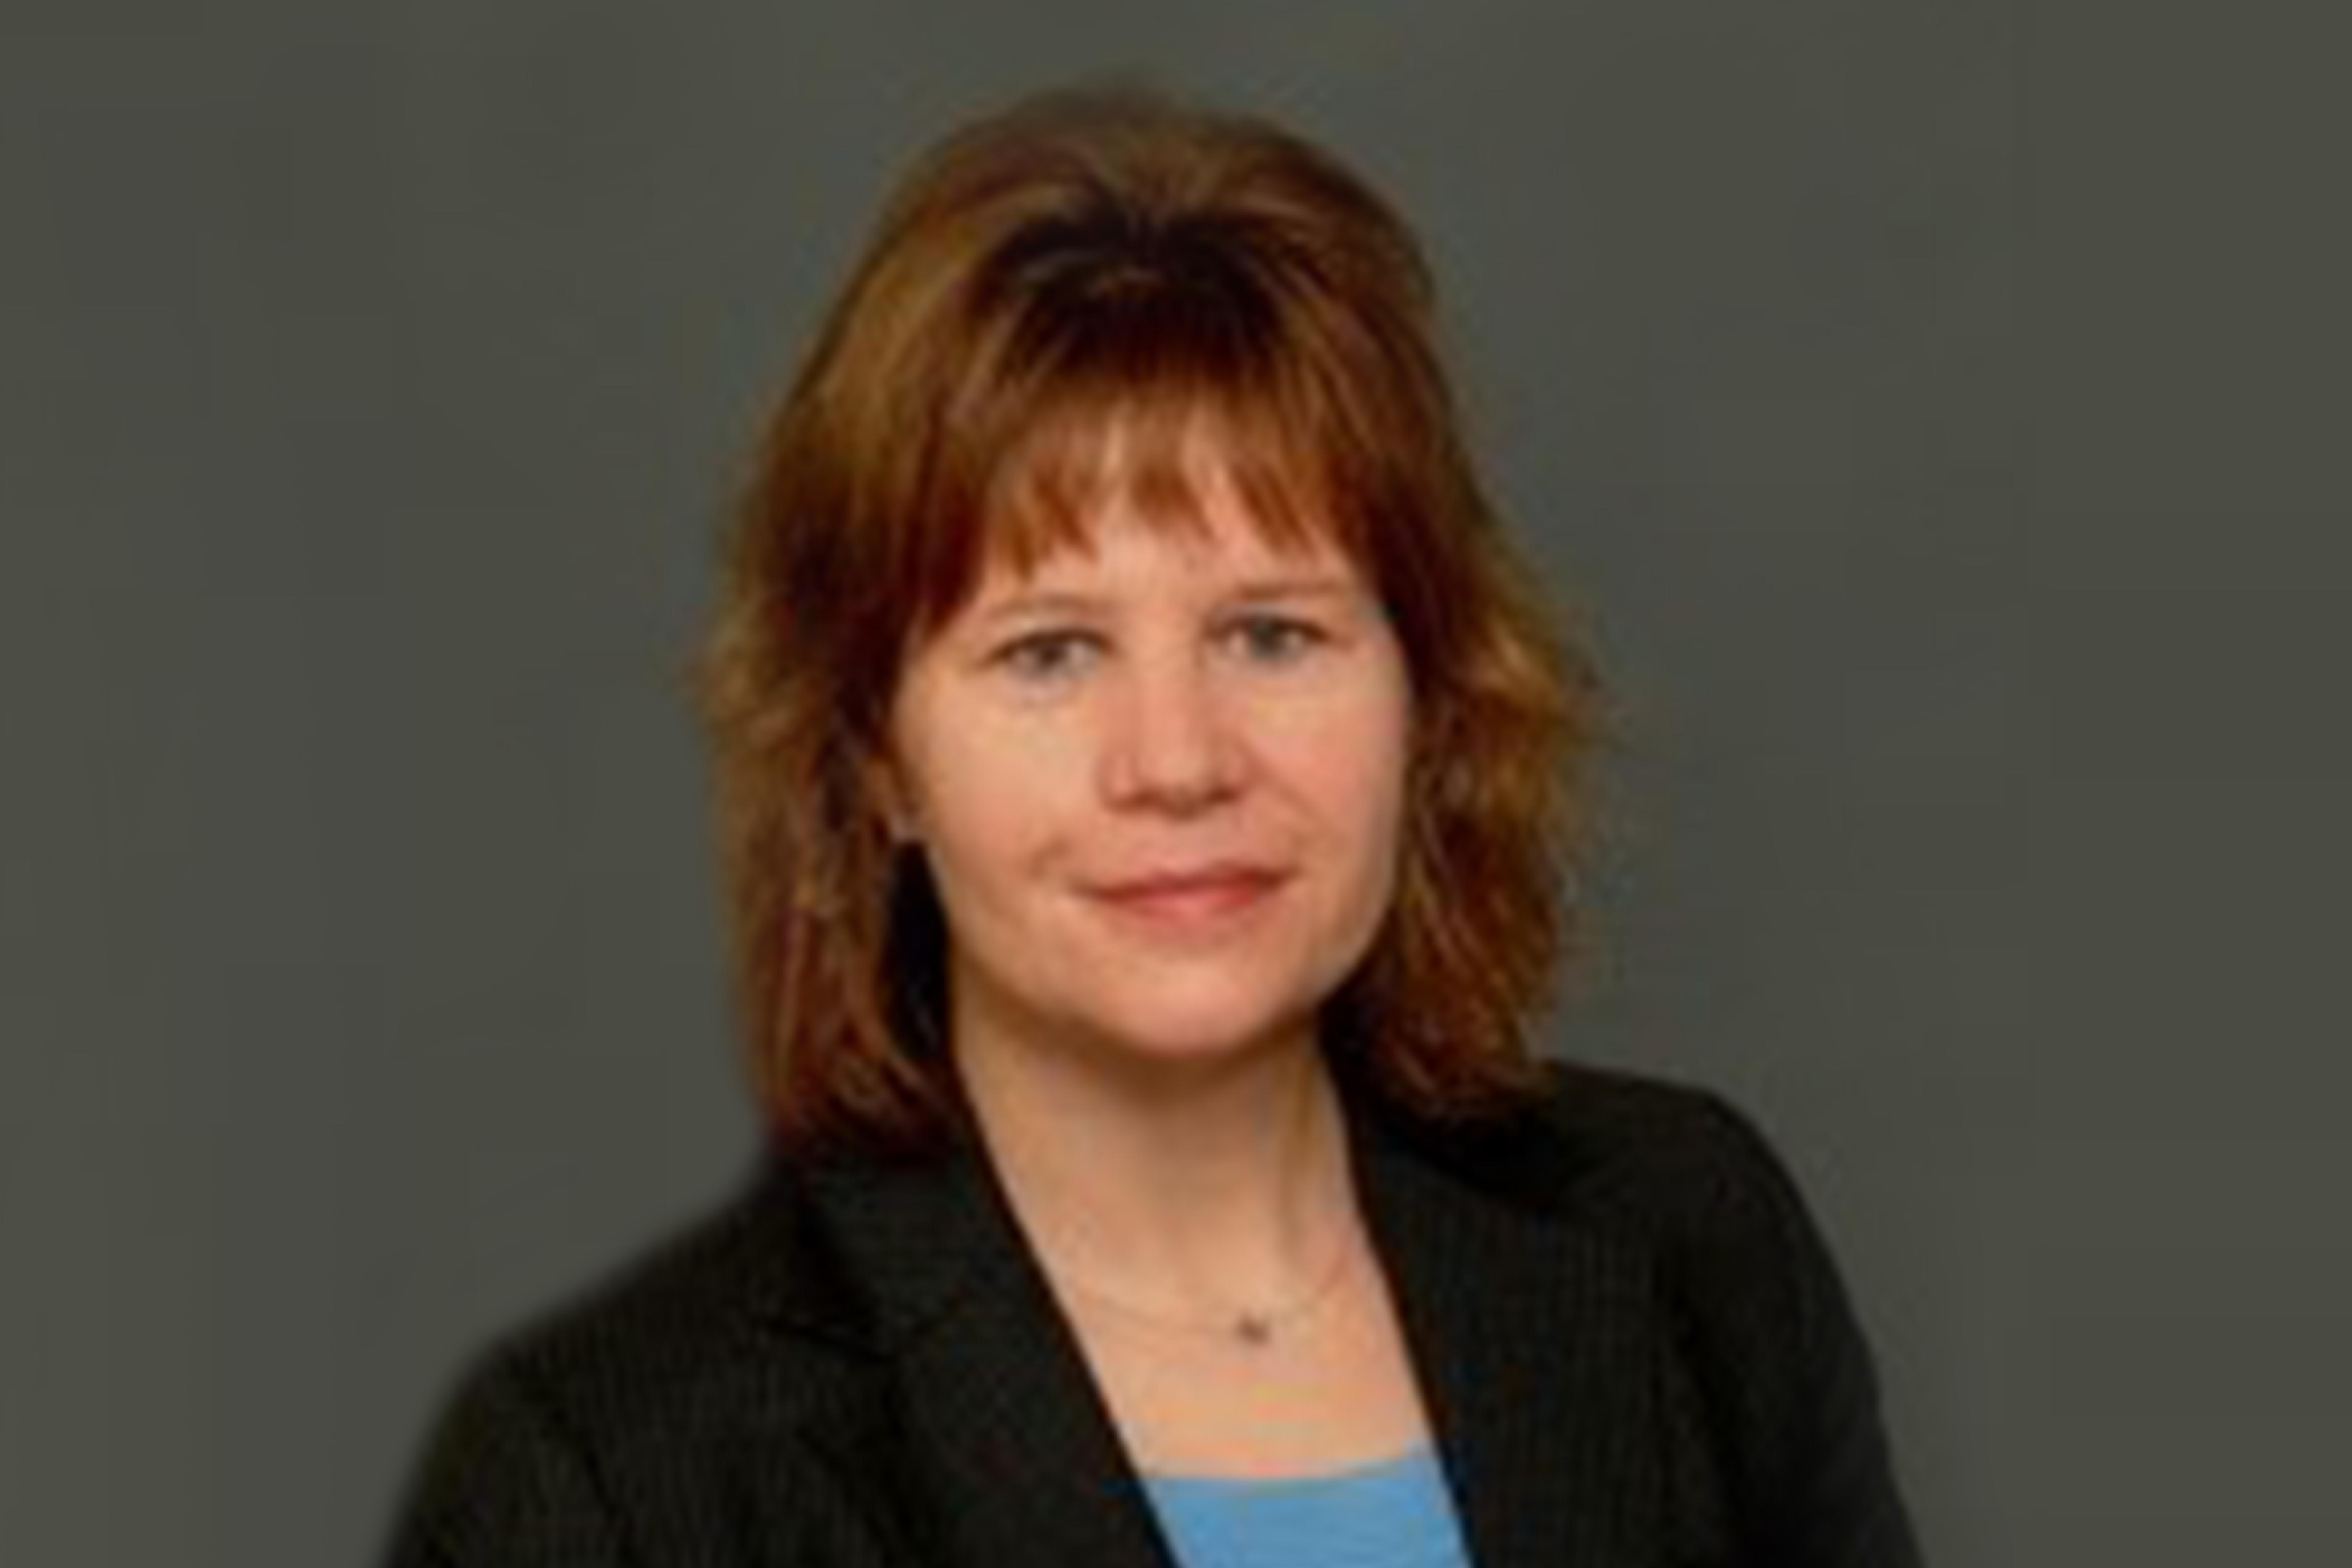 Cindy Bertrando